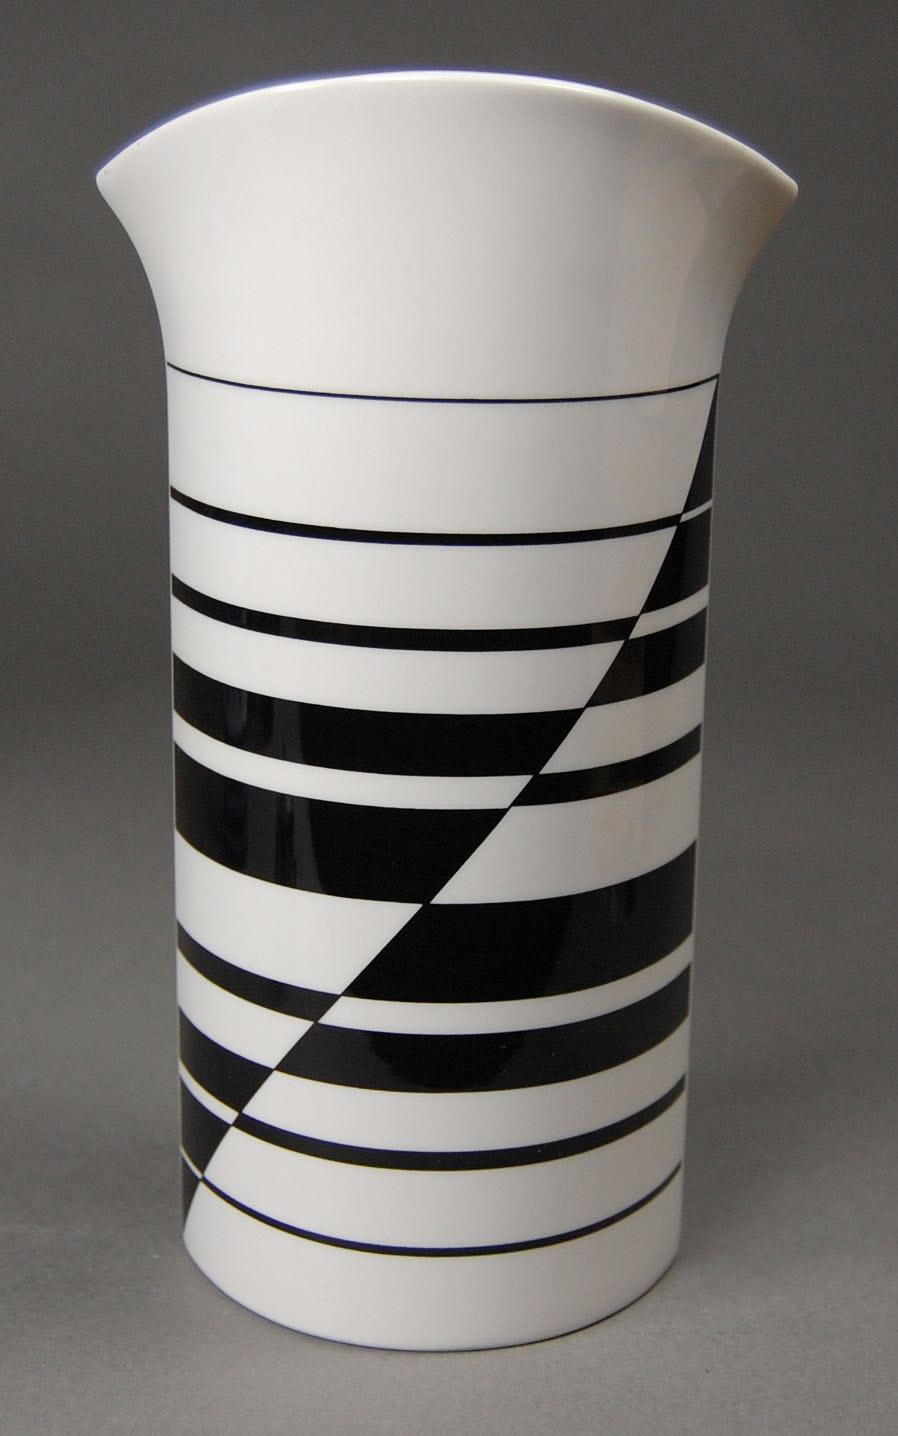 villeroy boch service alba vase. Black Bedroom Furniture Sets. Home Design Ideas